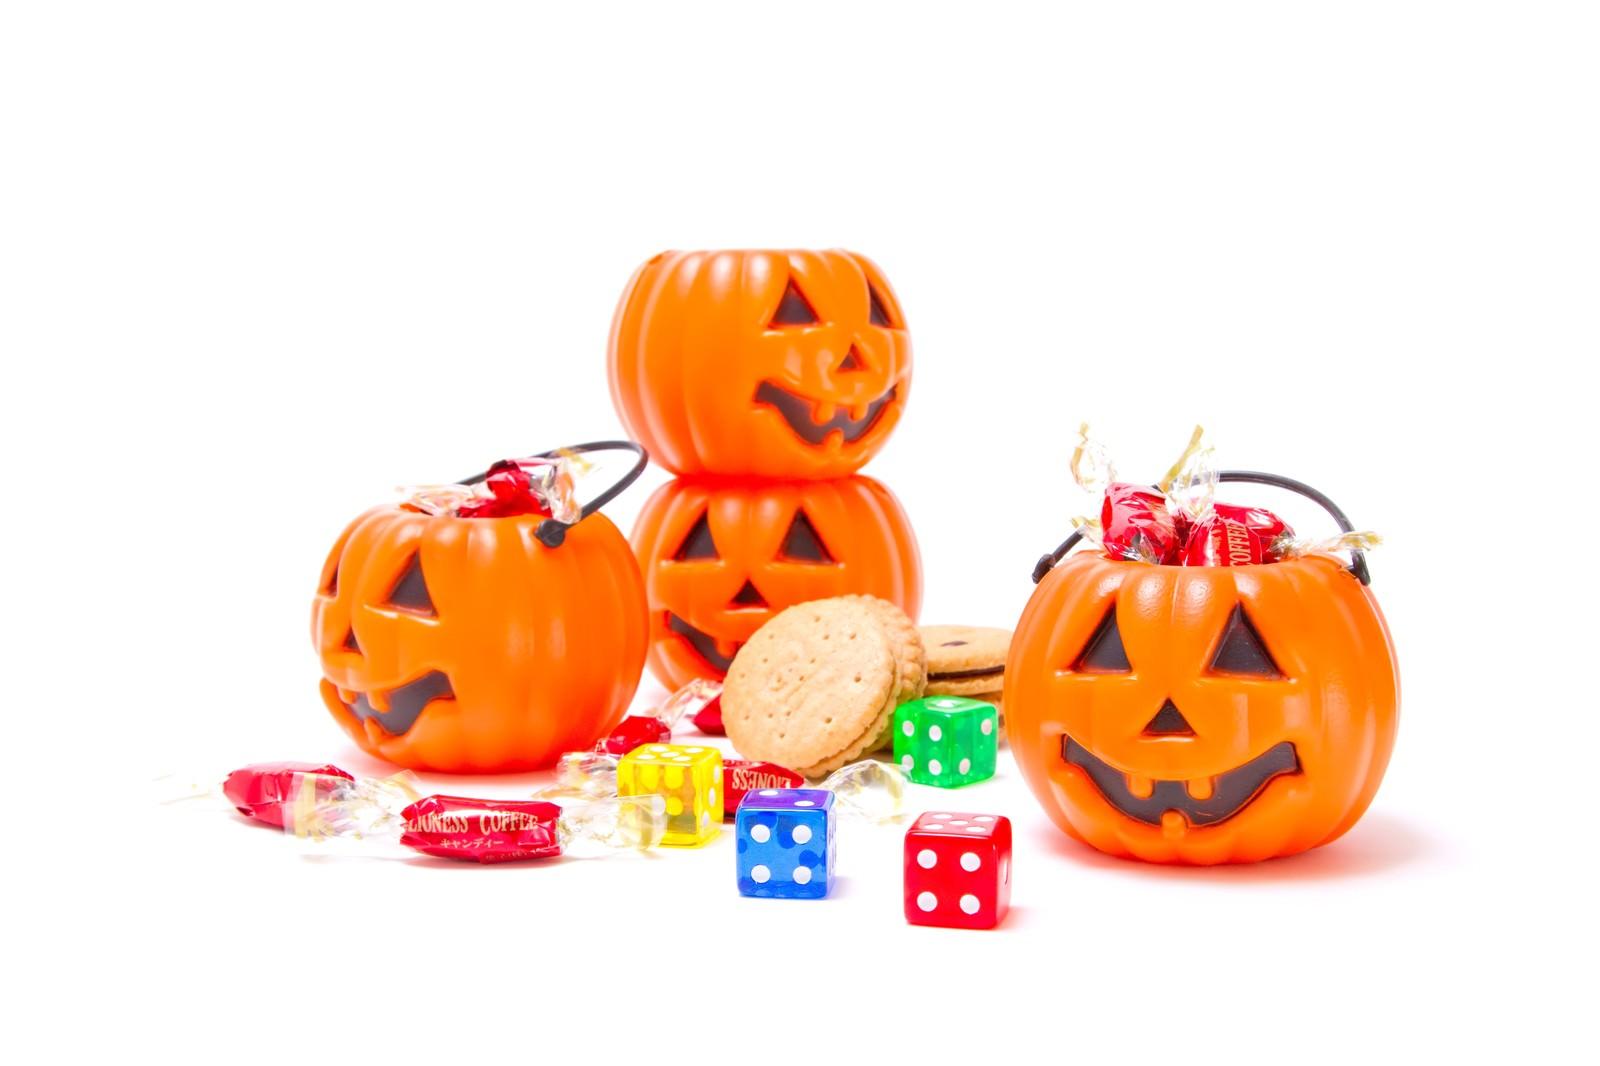 「ハロウィン用のカボチャとお菓子ハロウィン用のカボチャとお菓子」のフリー写真素材を拡大